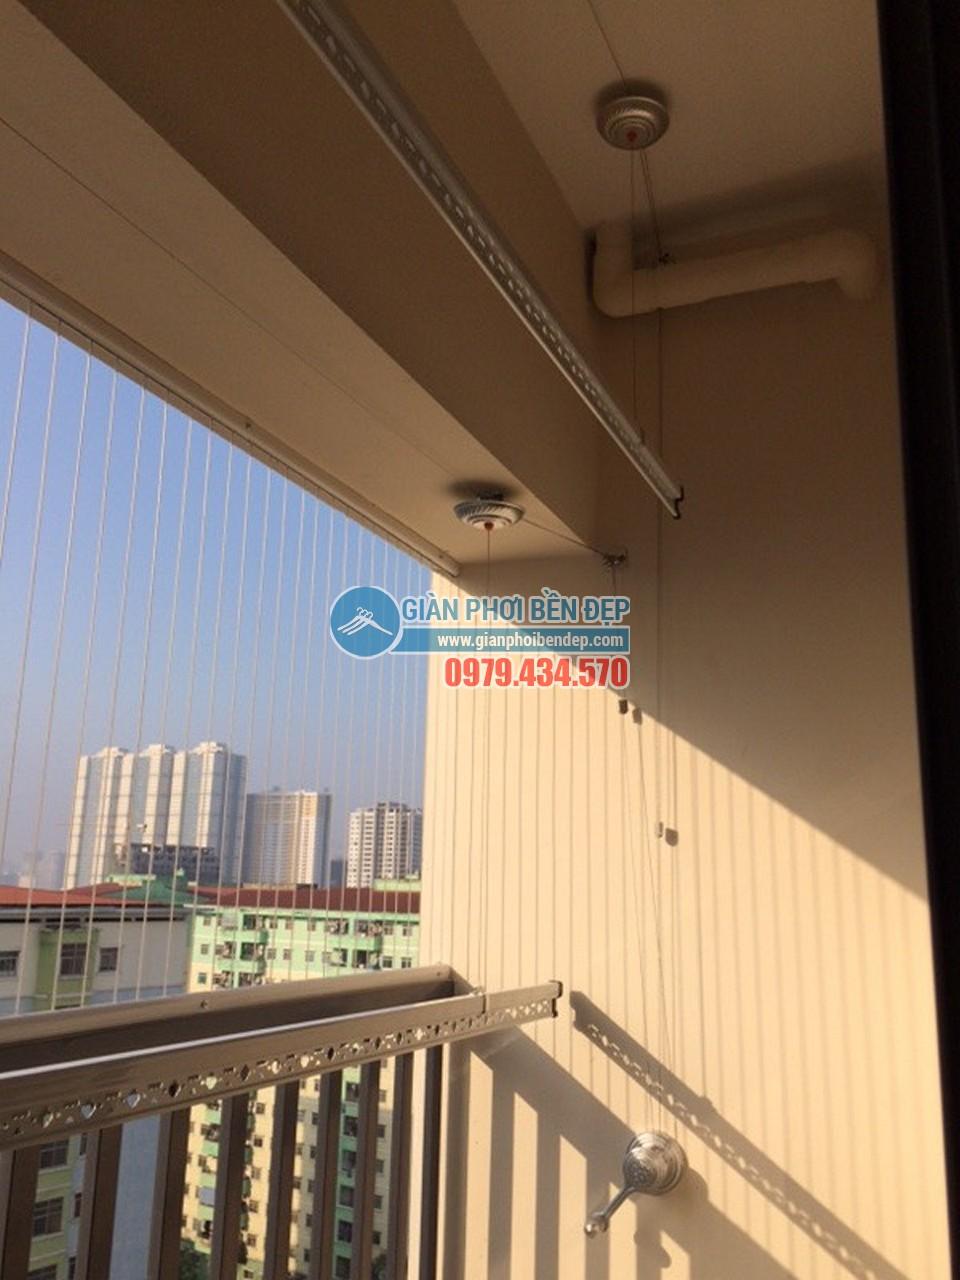 Hoàn thiện lắp giàn phơi thông minh tại ban công giật cấp nhà cô Hảo, tòa Rice City - 01